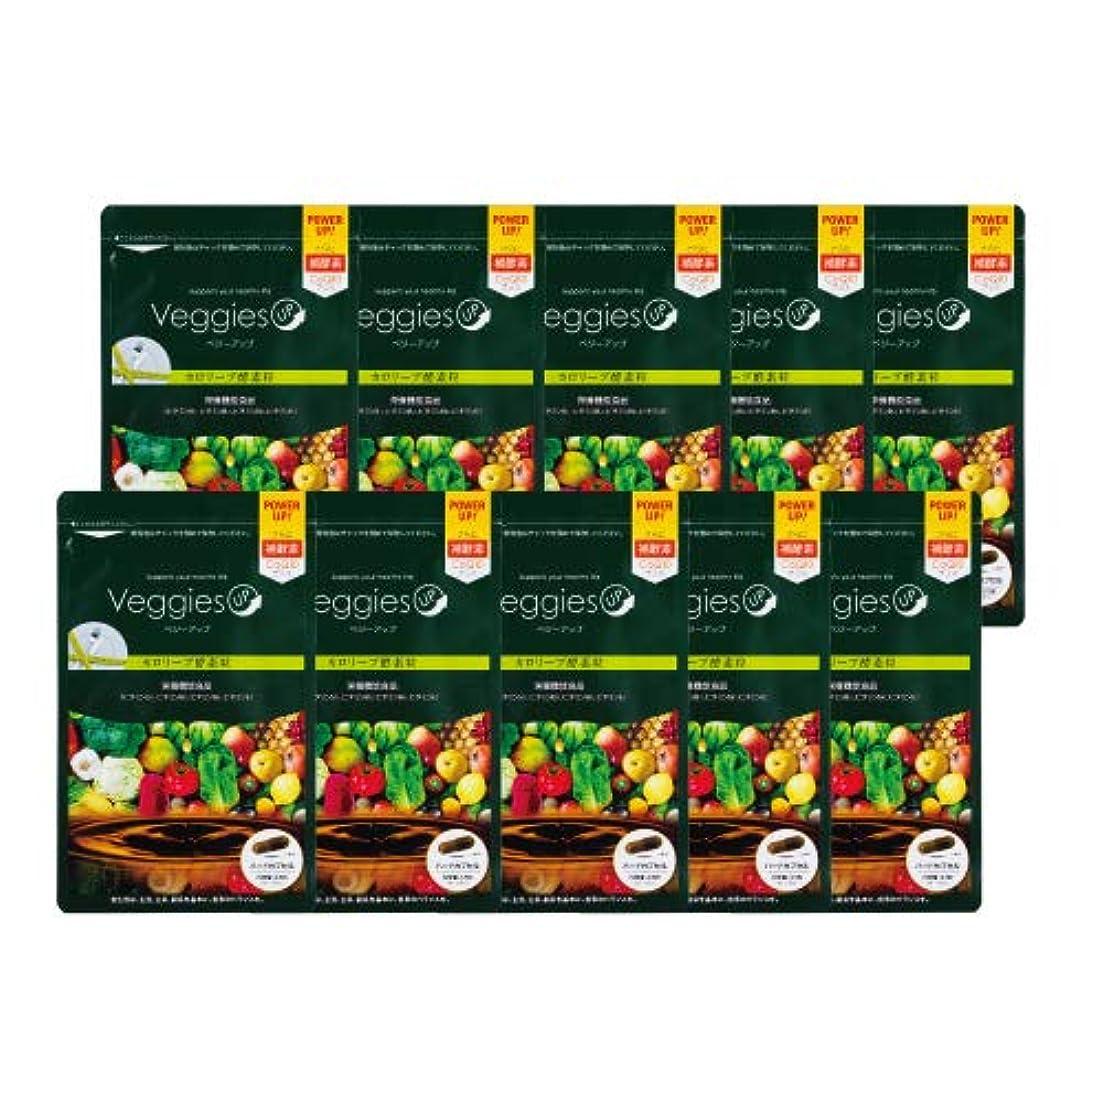 かすかな倉庫出会いベジーアップ酵素粒カロリーブ 93粒 10袋セット ダイエット 酵素サプリ 酵素ダイエット サラシア コエンザイムQ10 竹炭